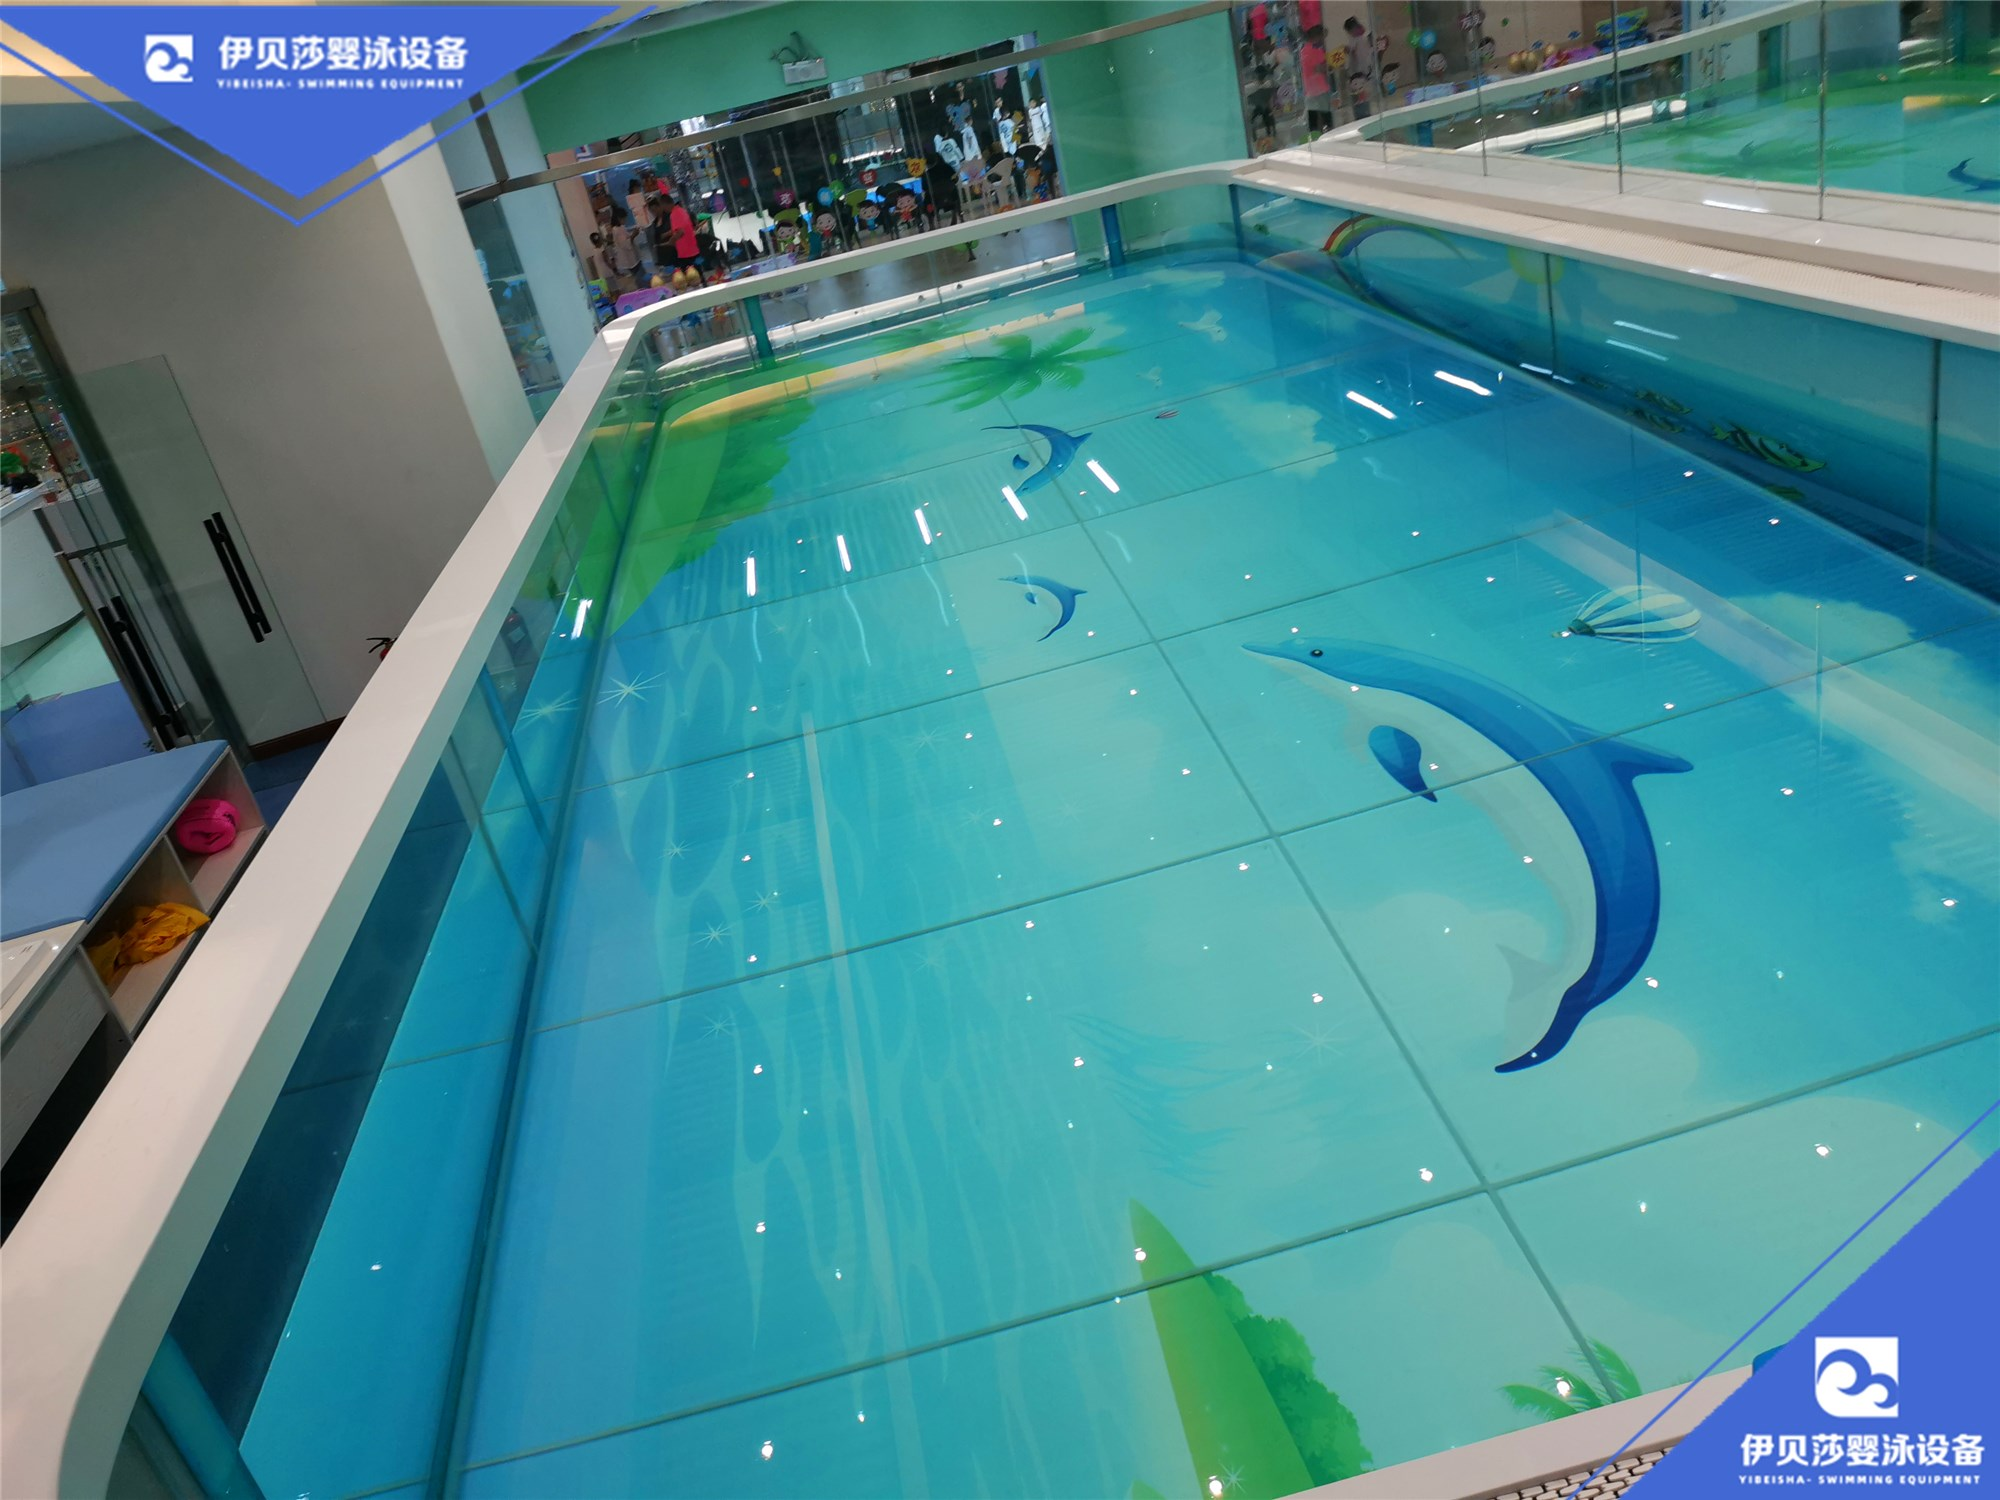 伊贝莎新款亲子玻璃游泳池源头厂家